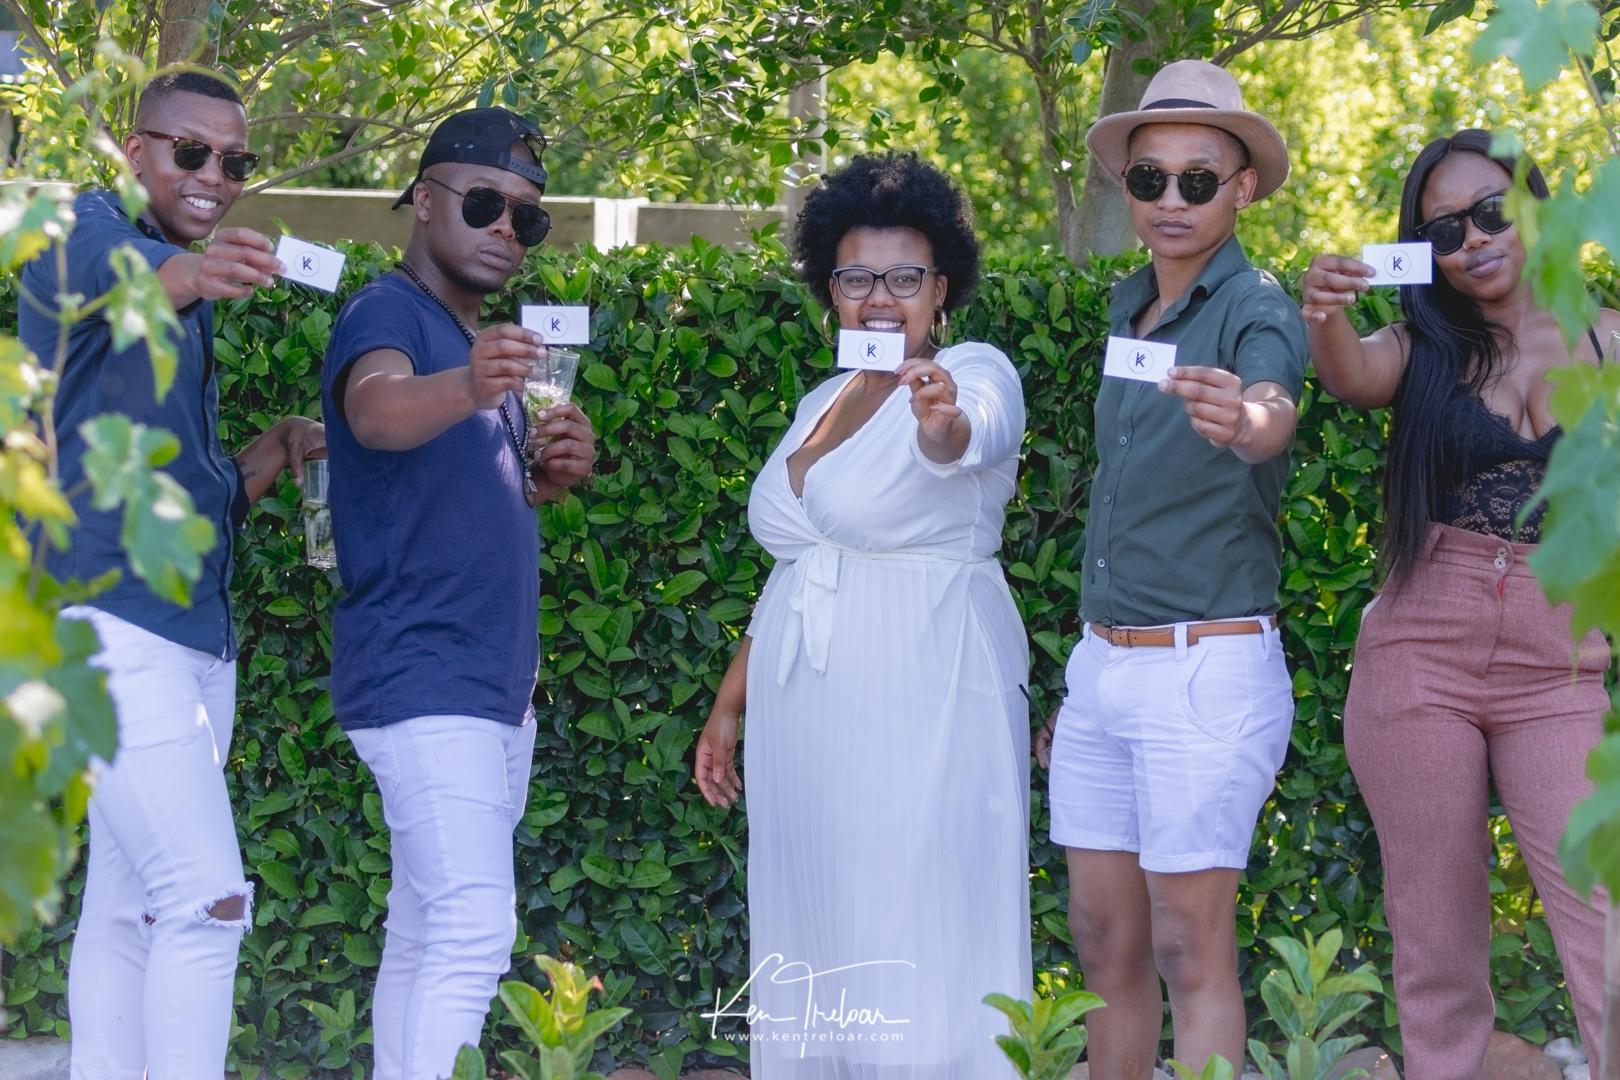 Ken Treloar Photography - Stellenbosch Brennaisance Best Friends photoshoot Cape Town B2-15.jpg